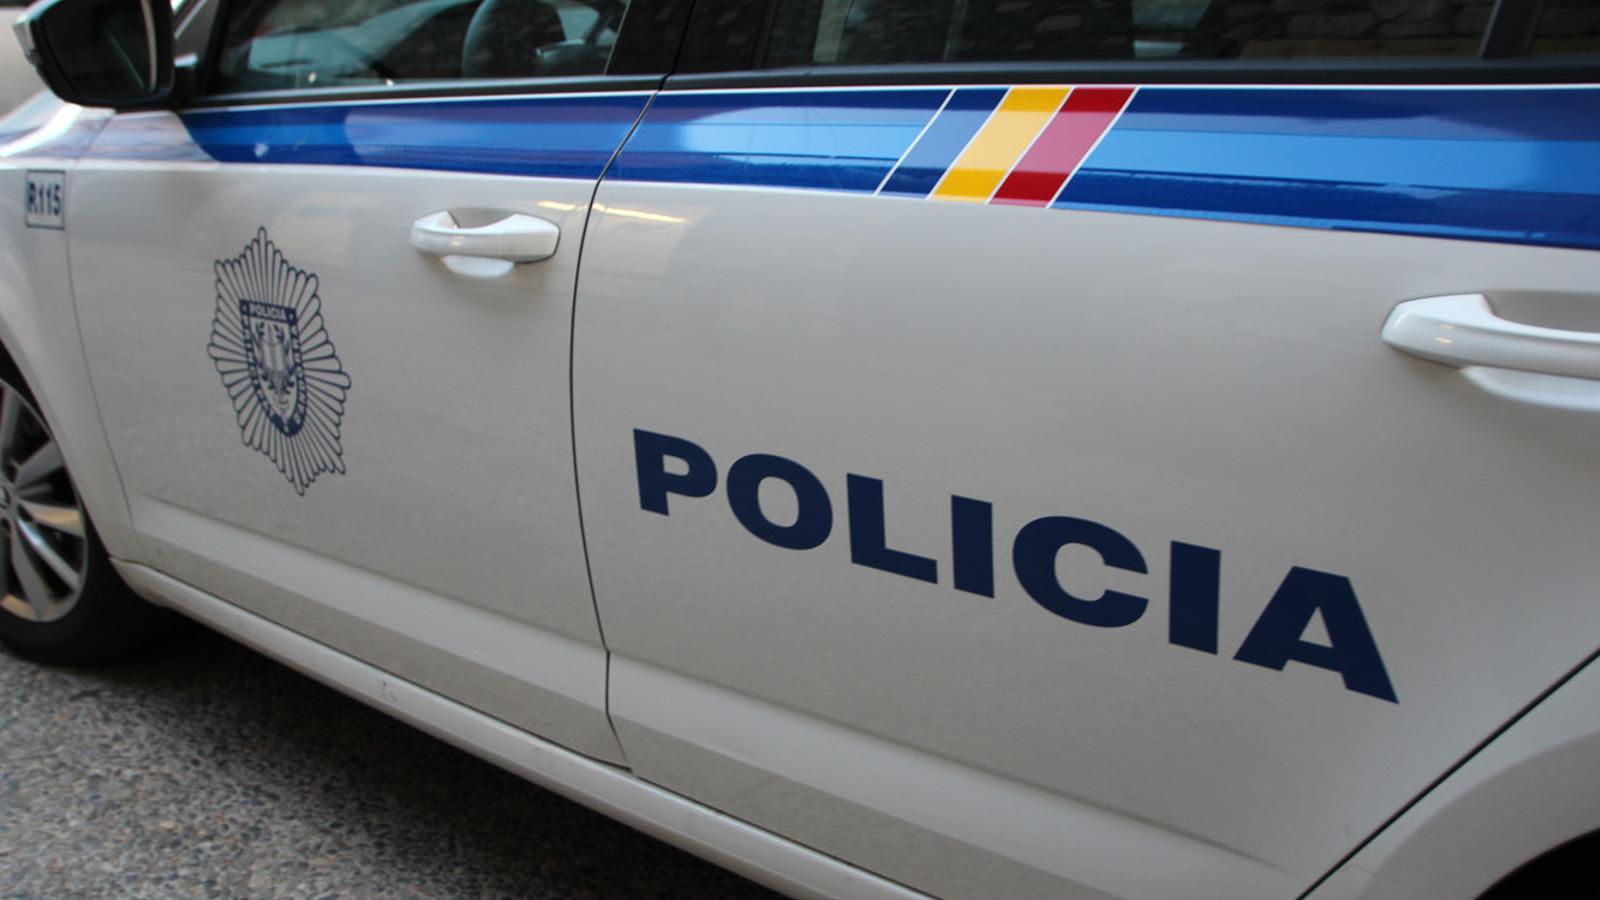 Detingut un home acusat de maltractament i possessió de drogues